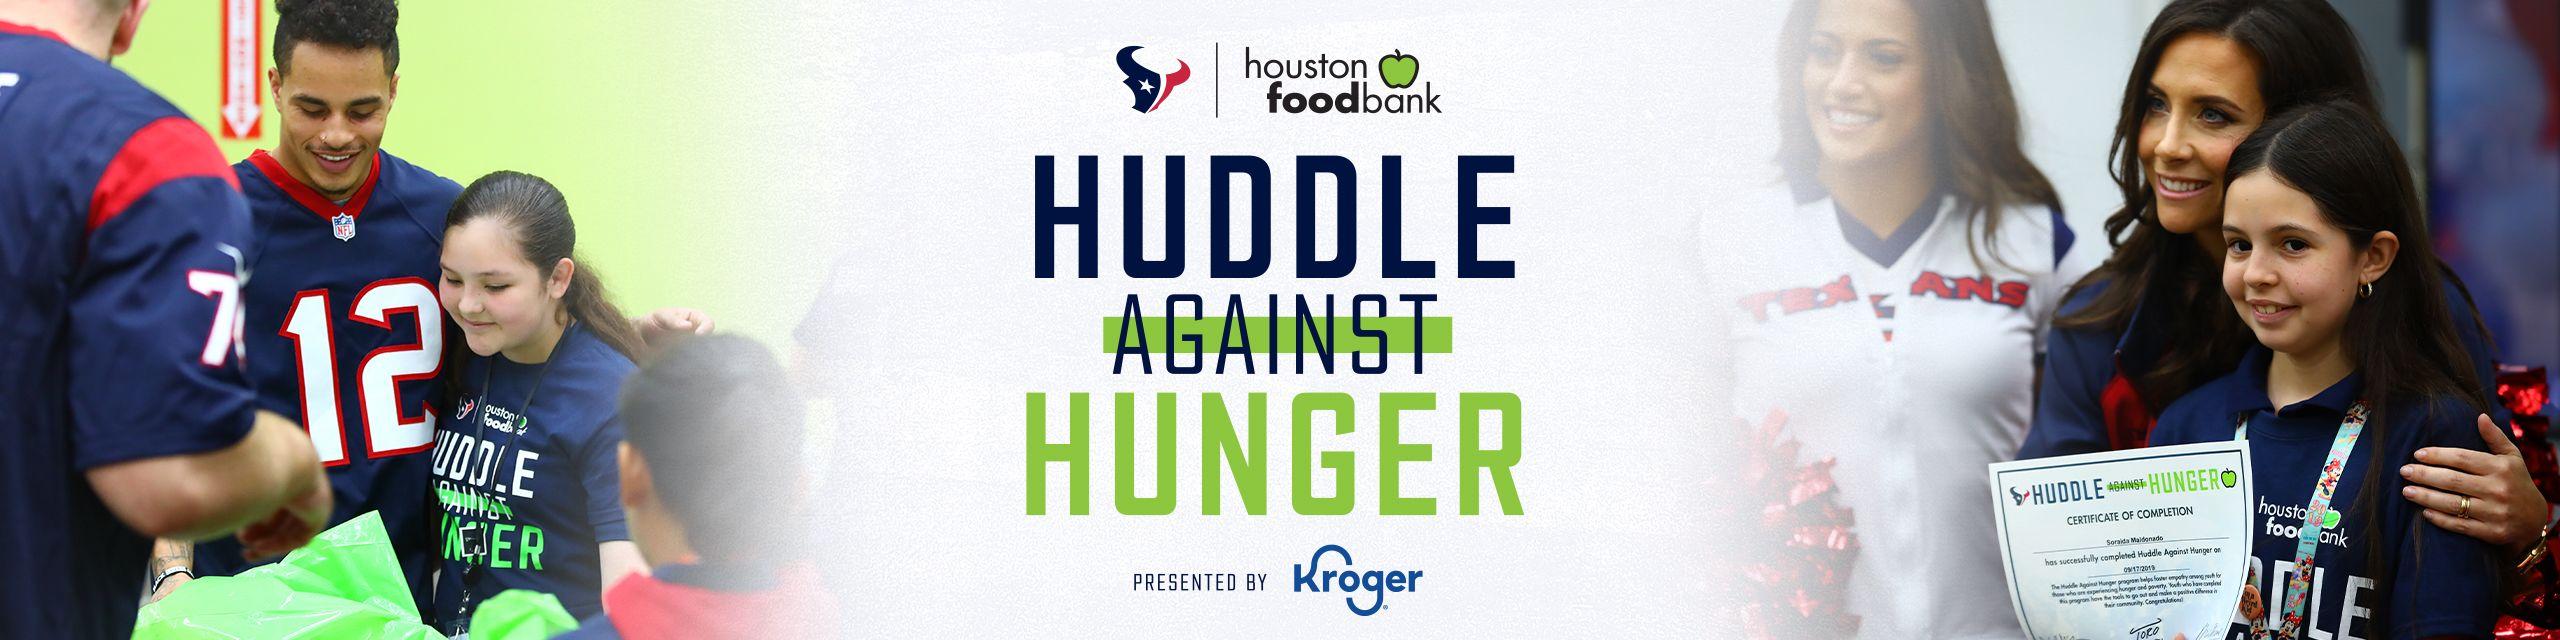 Huddle Against Hunger presented by Kroger